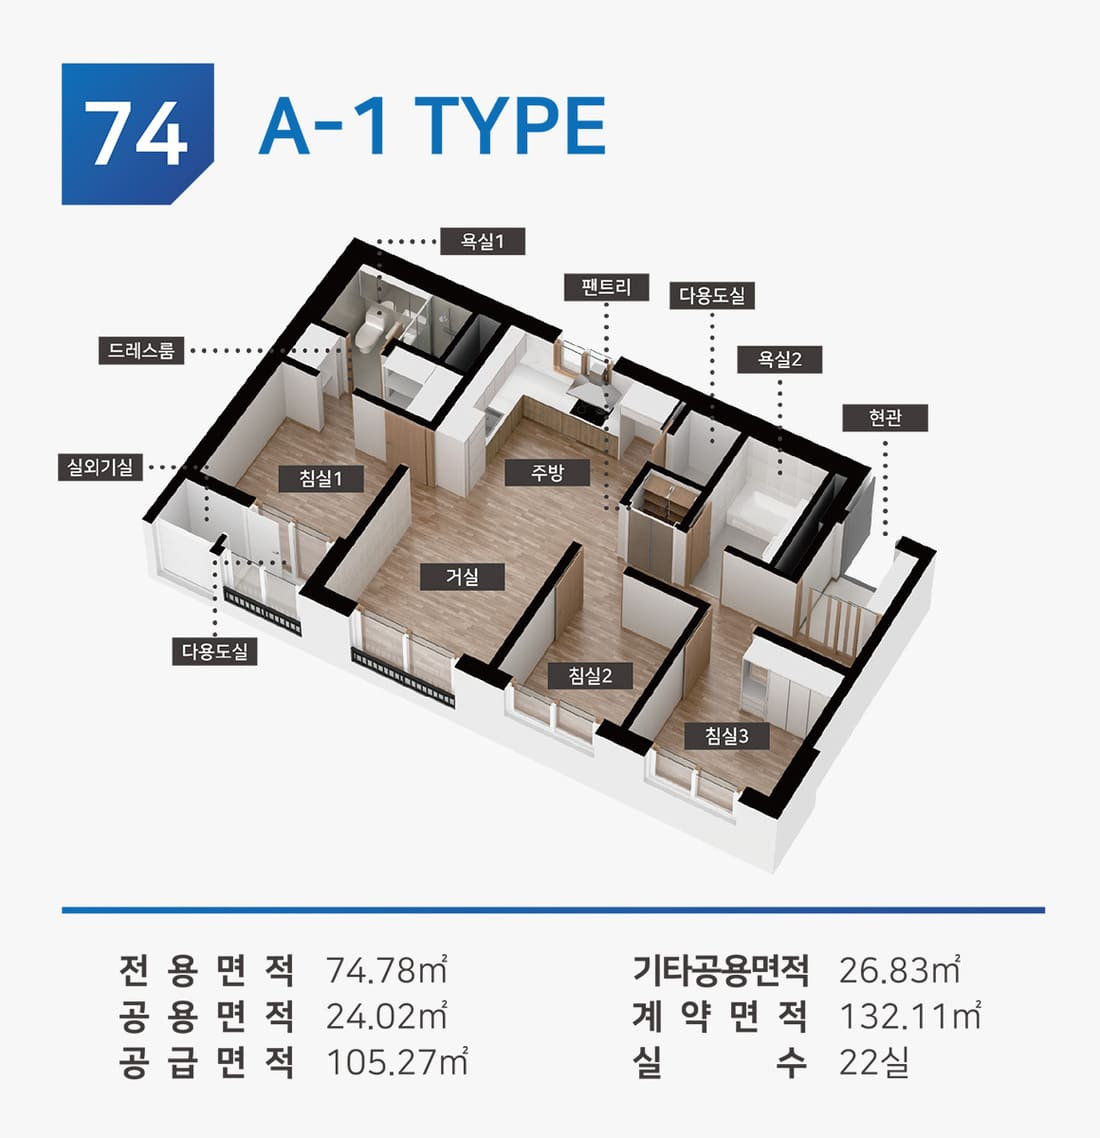 인천논현아리스타-74A1